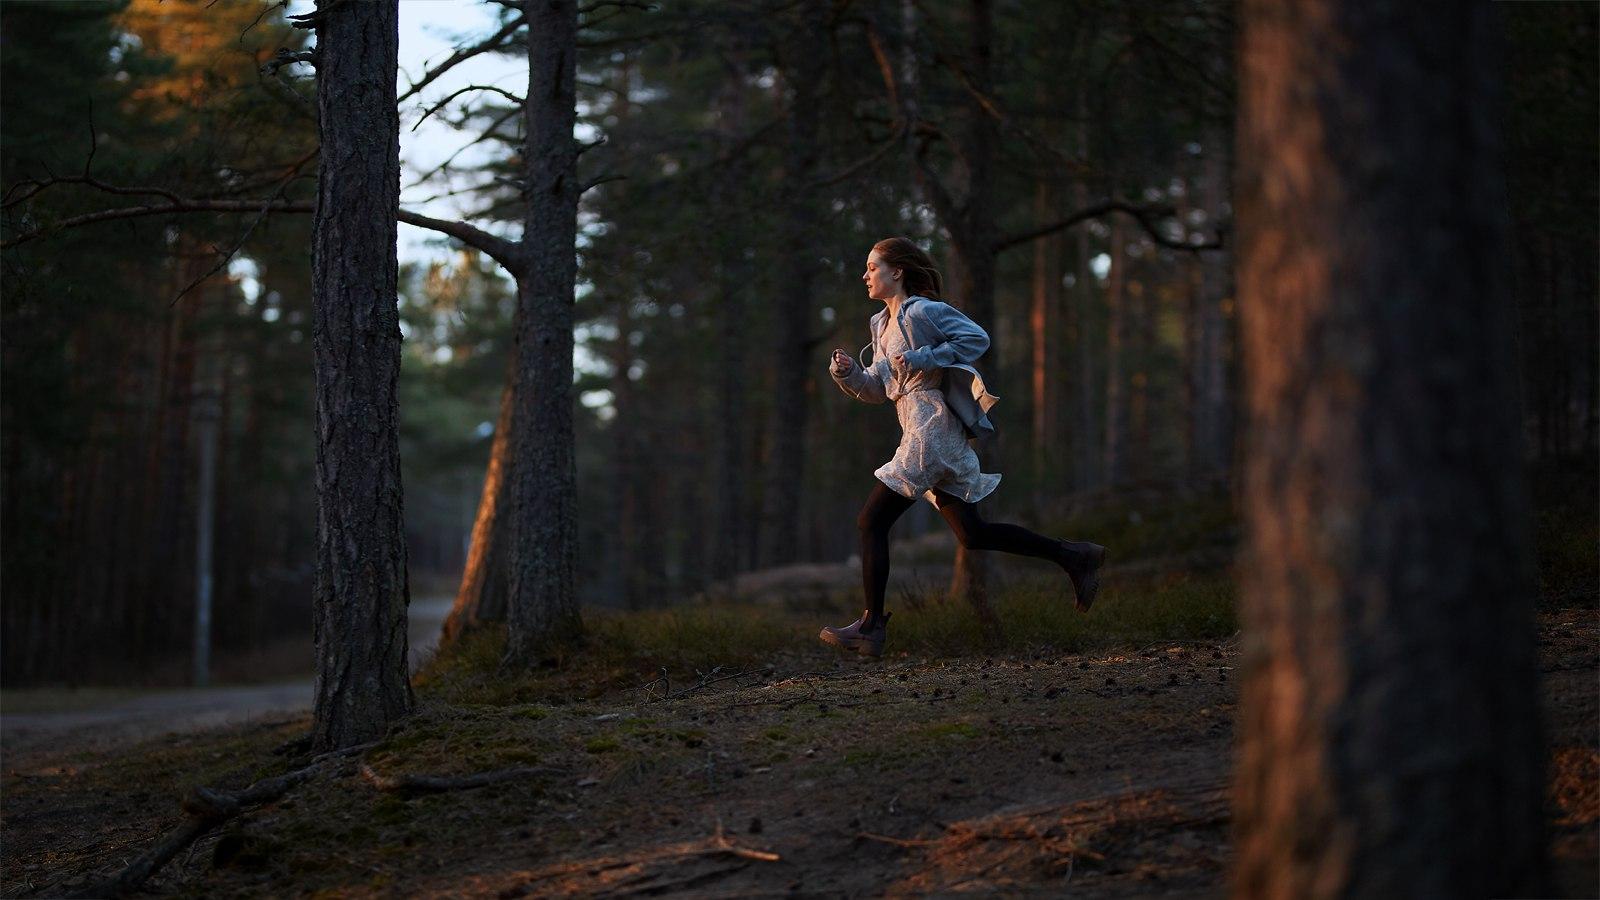 видео девушка убегает от парня в лесу подъехали дому